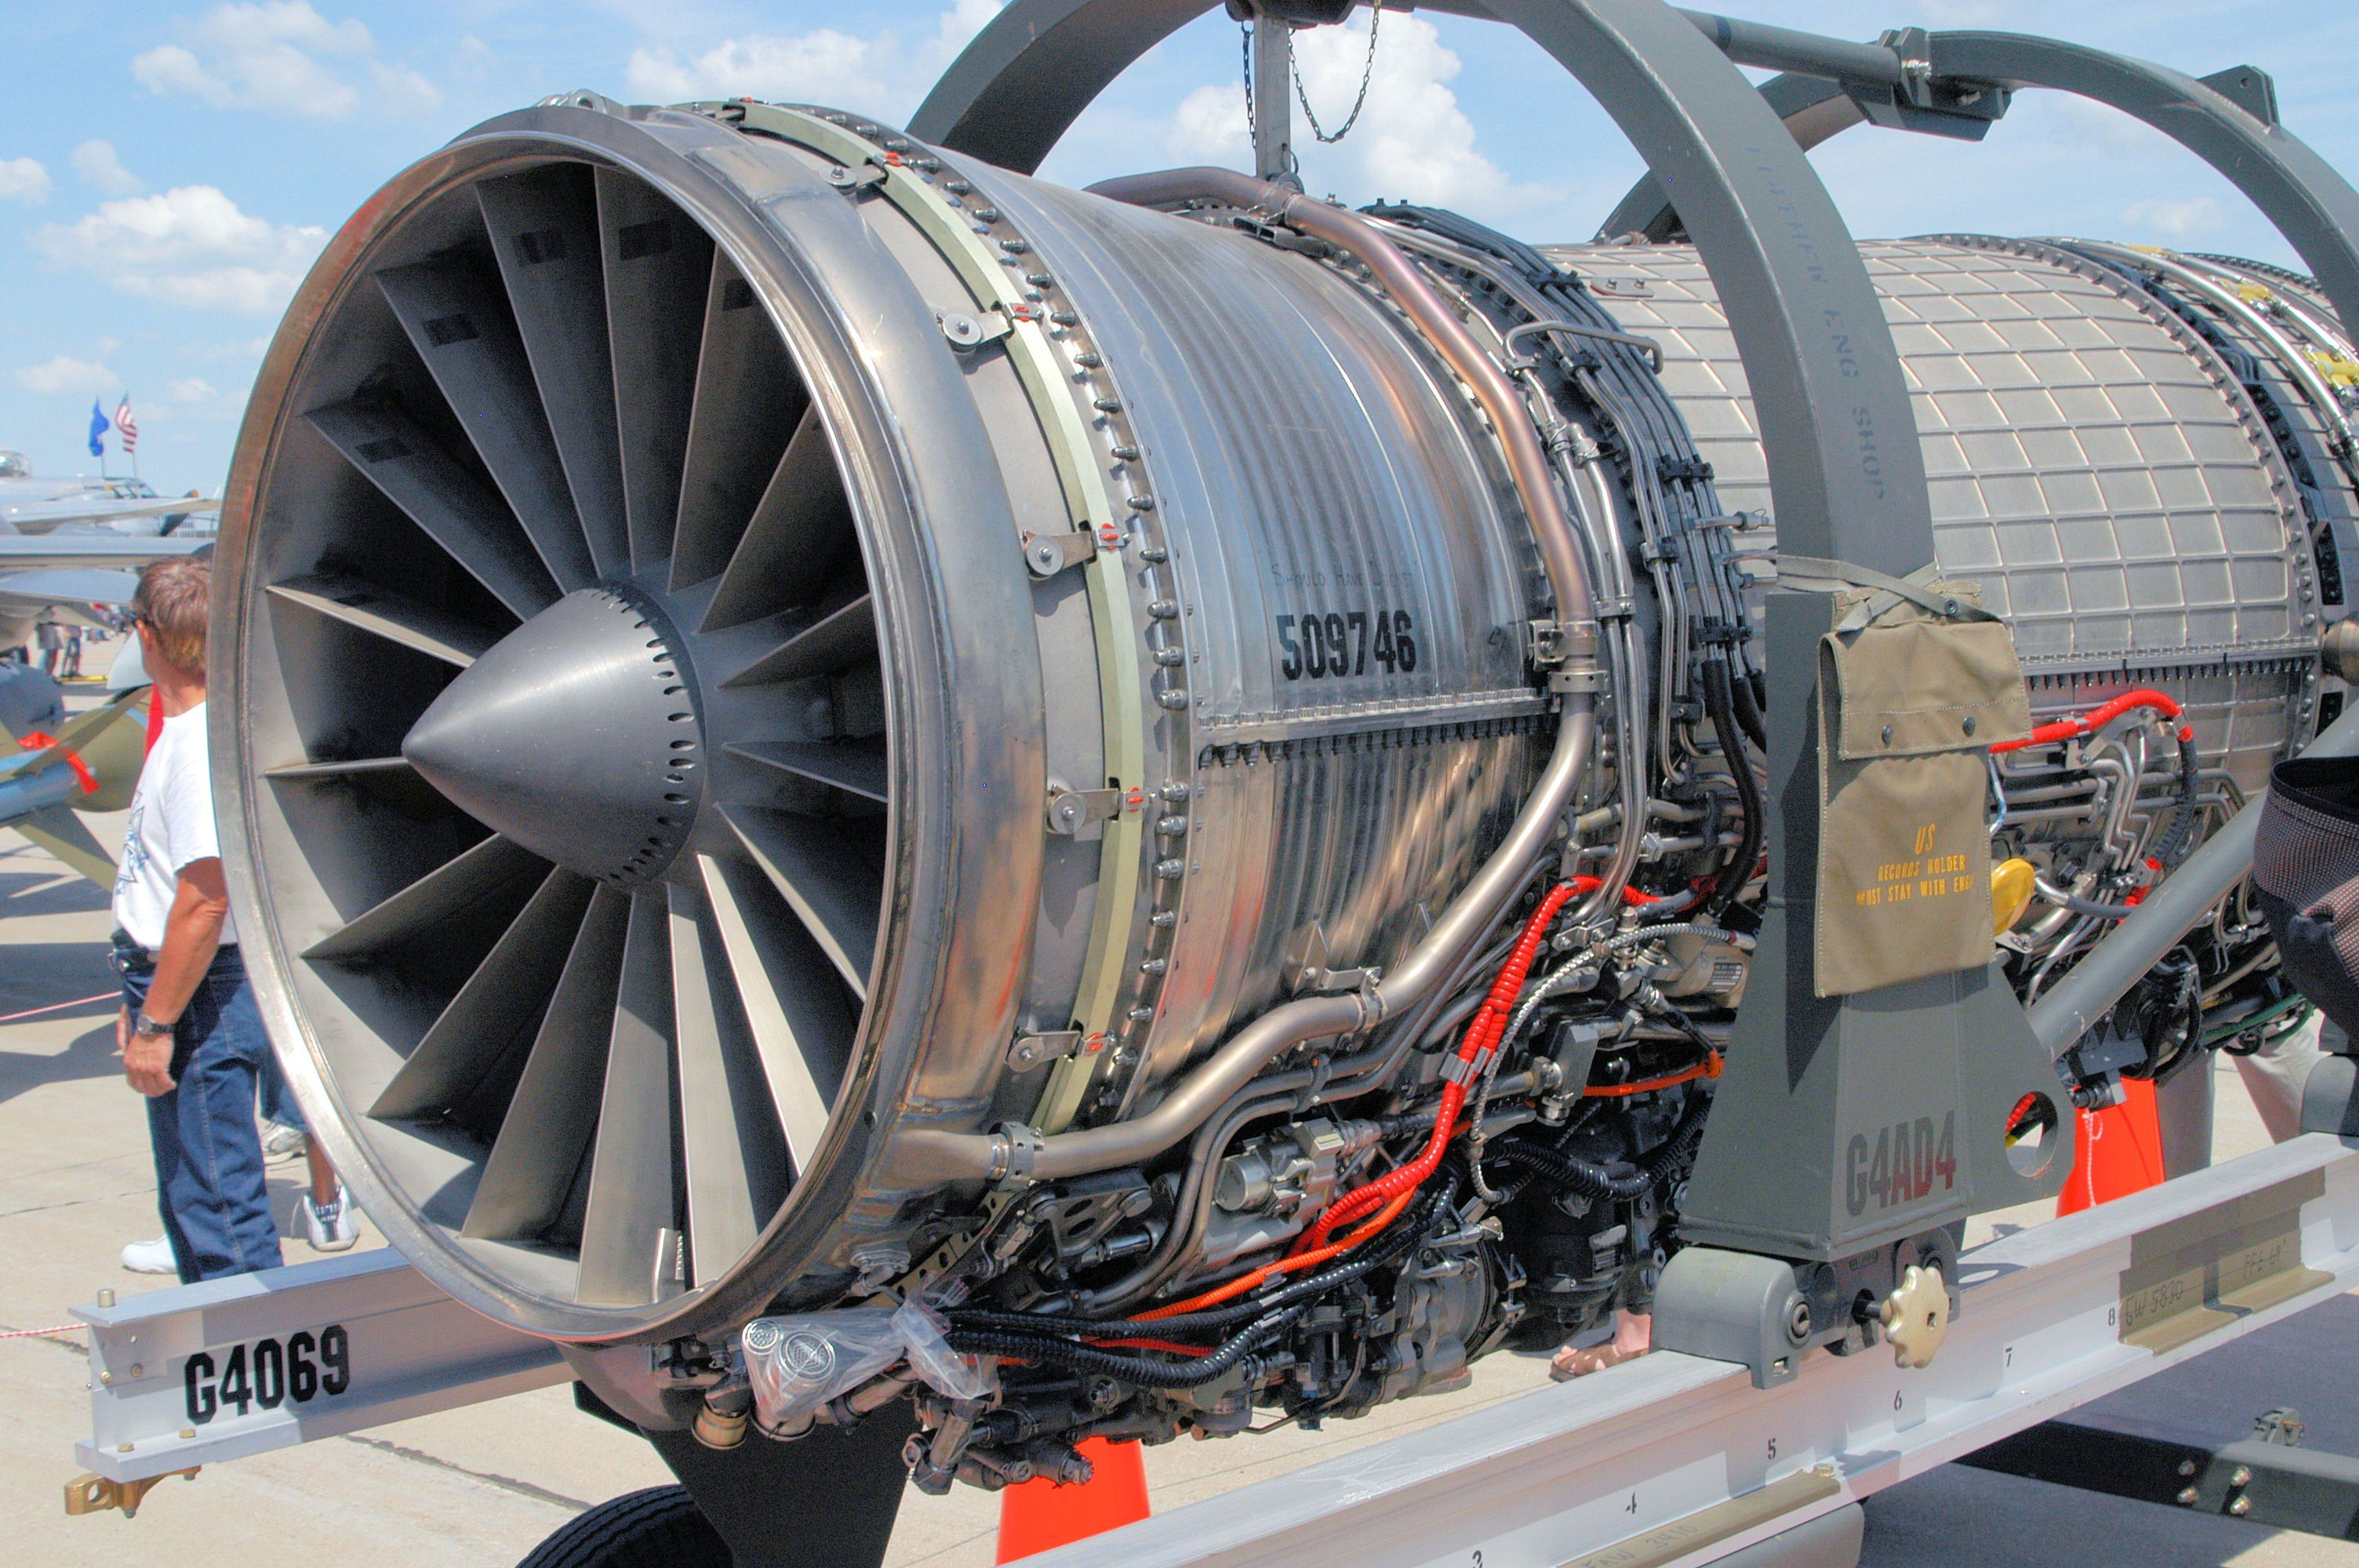 F110 GE 100 F 16 엔진 유용원의 군사세계